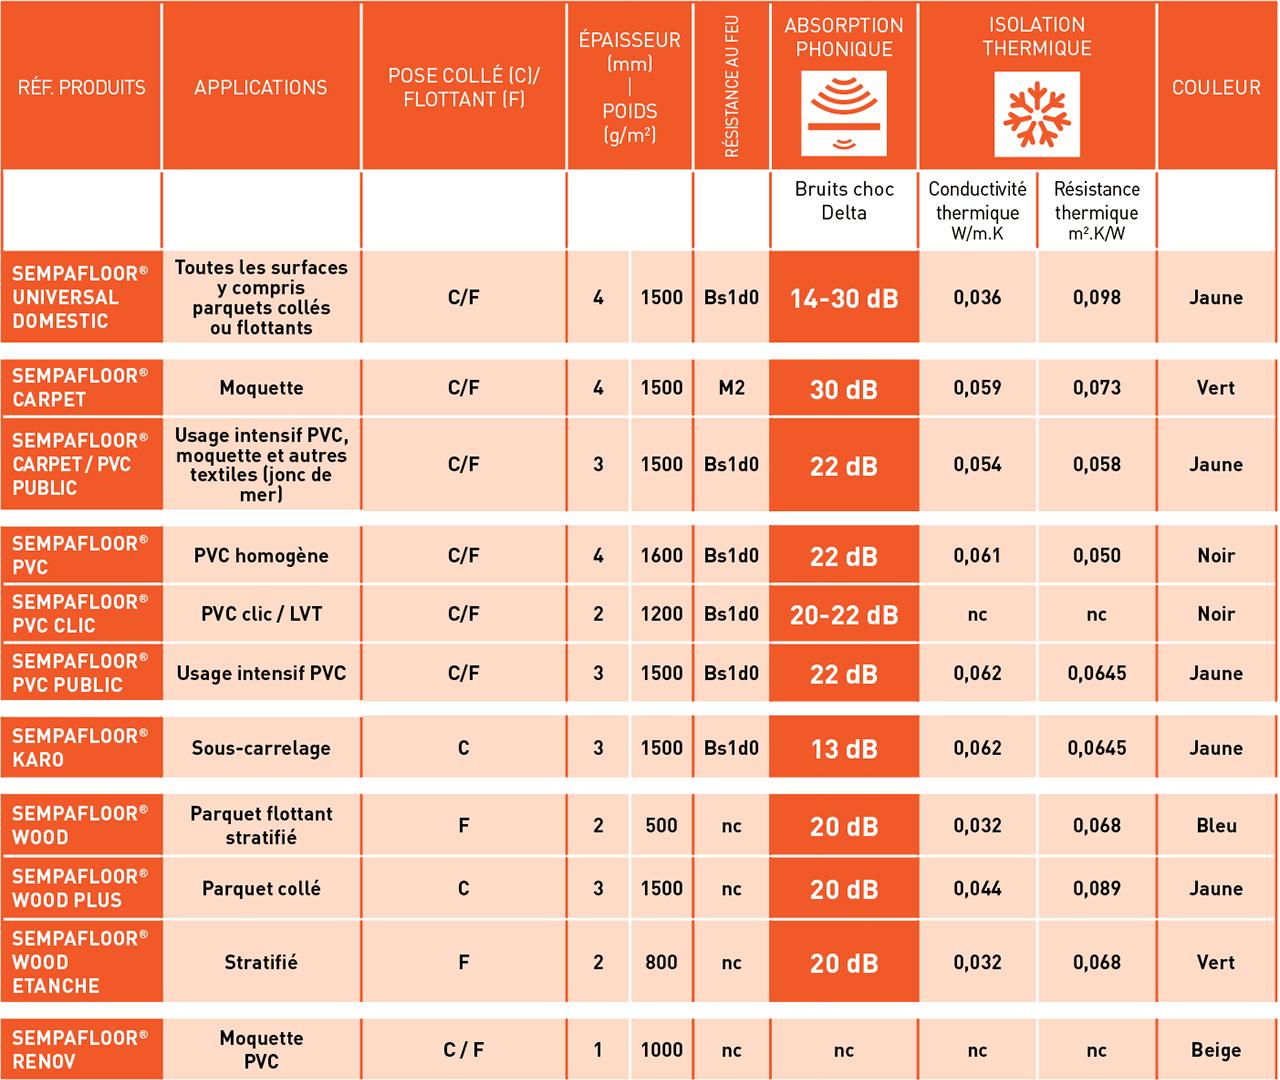 Retrouvez dans ce tableau les principales caractéristiques techniques en isolation phonique et isolation thermique pour les produits de la gamme SempaFloor.